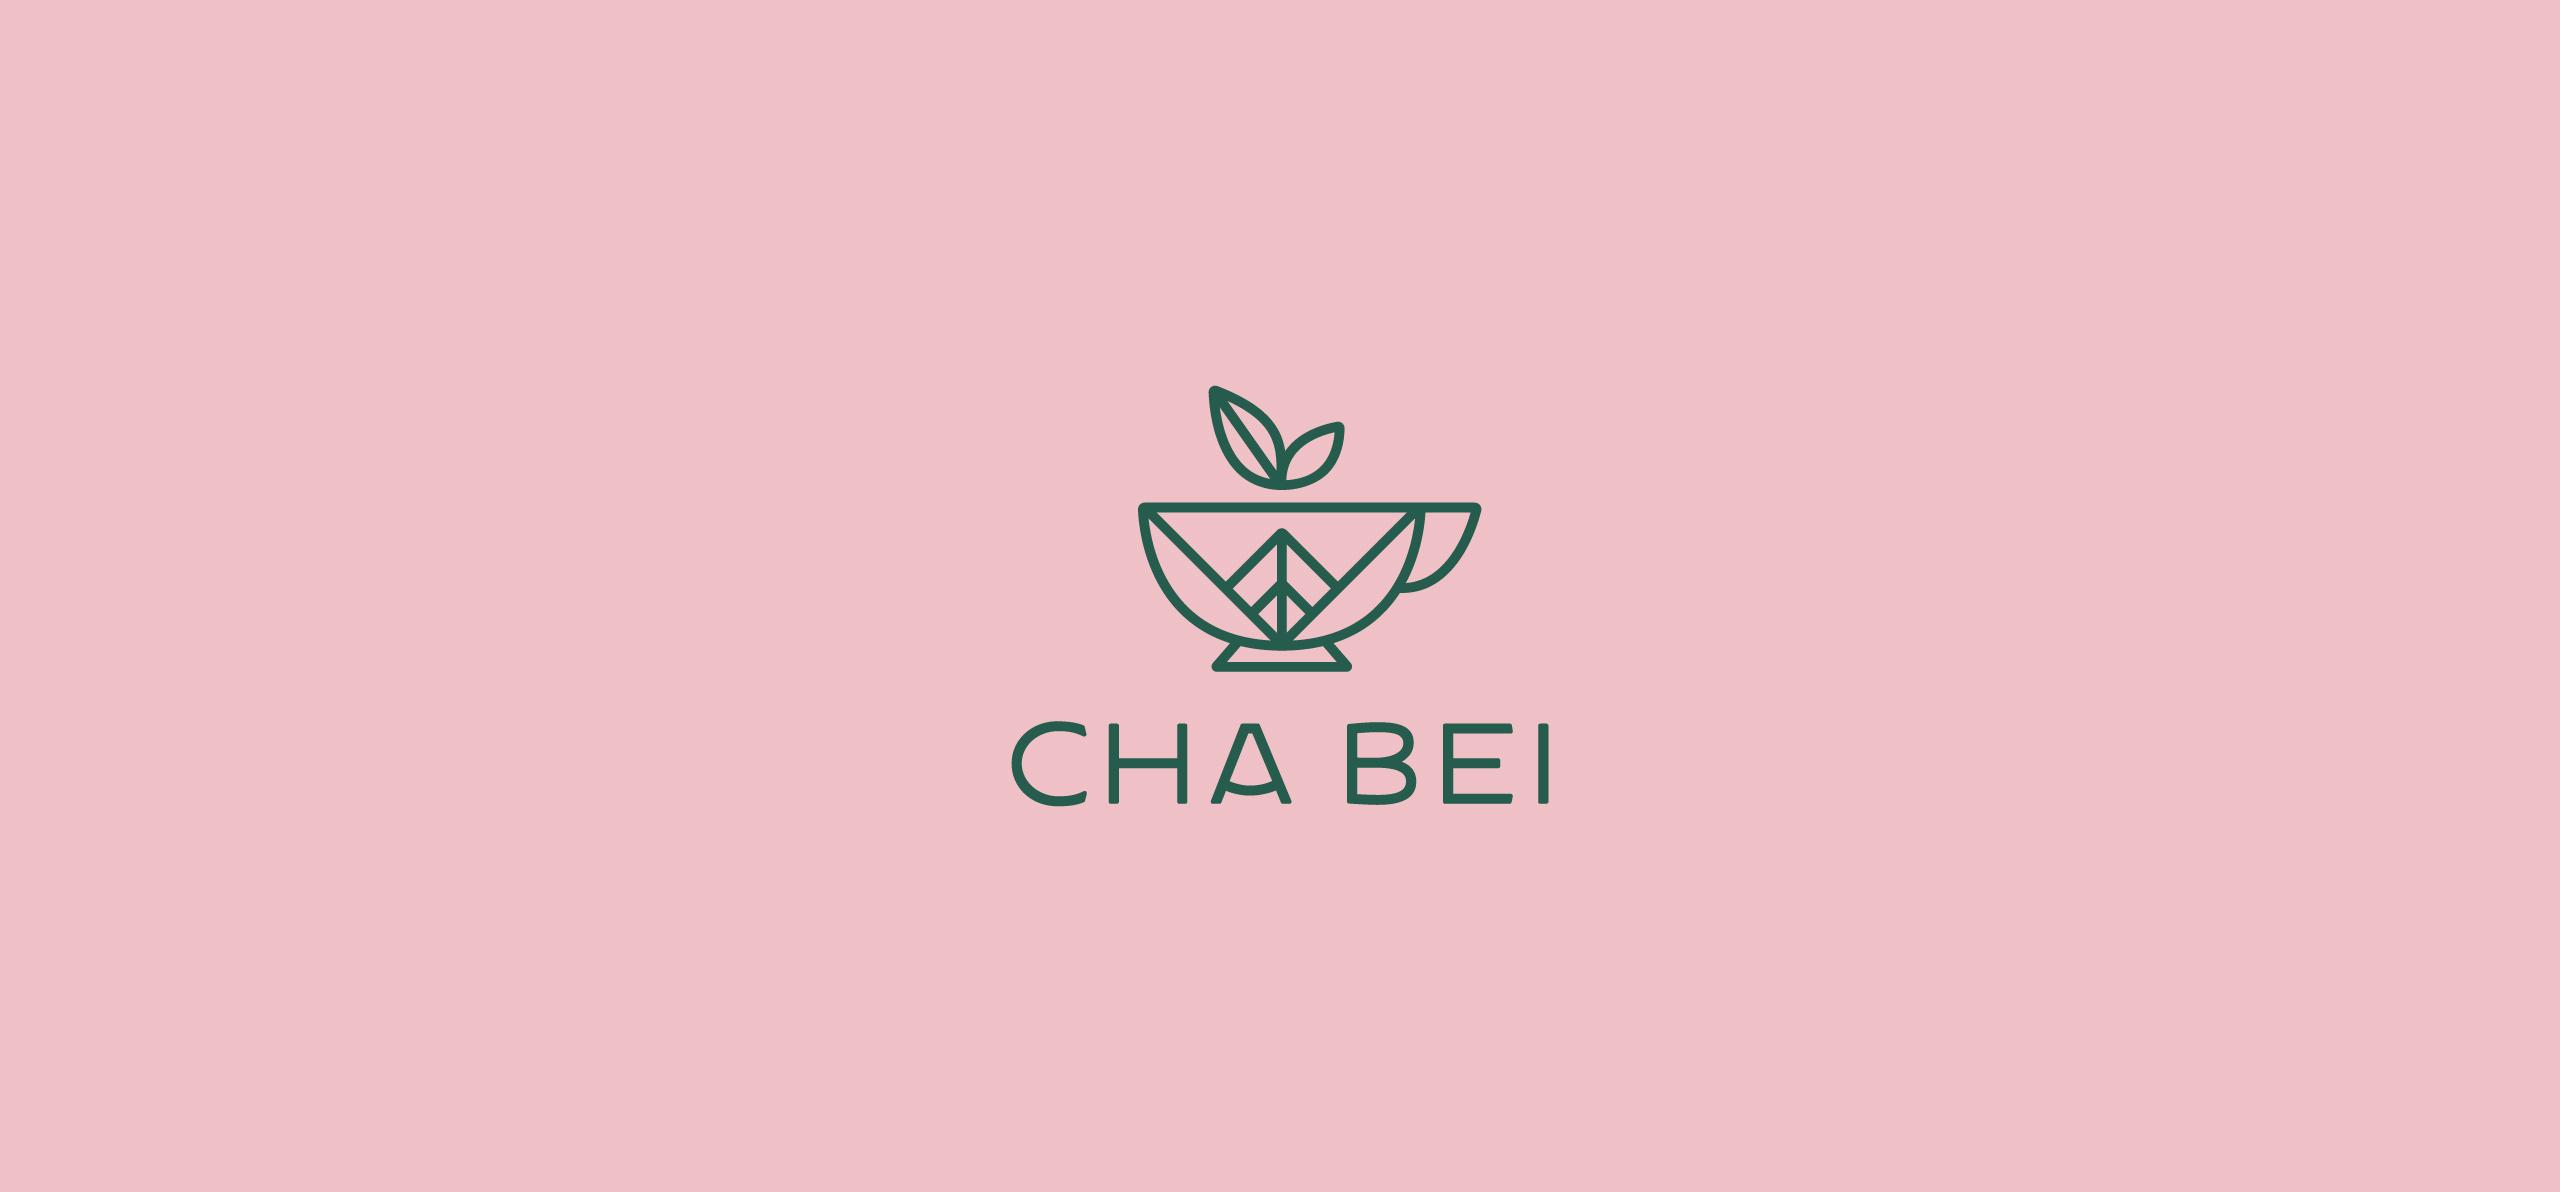 RBS_Cha_Bei_Logo_01